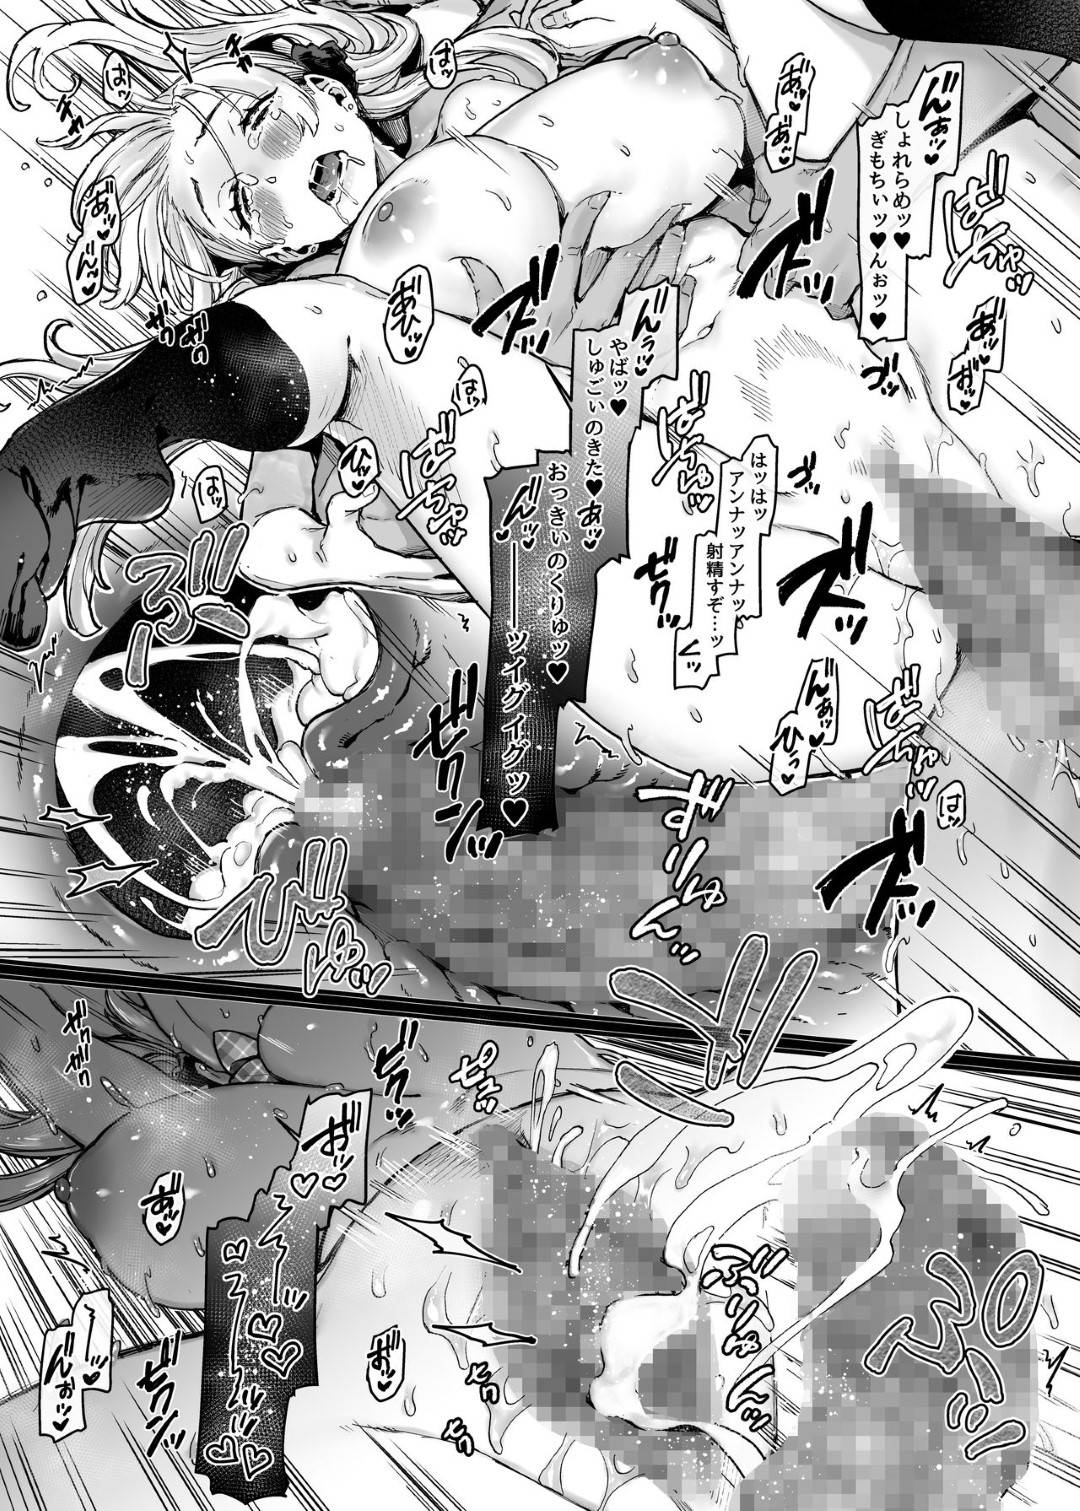 【エロ漫画】彼氏とJKの制服姿でコスプレセックスする巨乳JD…淫乱な彼女はローターを膣に仕込みながらフェラ抜きし、更には騎乗位やバックなどの体位で生挿入までさせる!【露々々木もげら:ラストモール~首吊男子と肉食女子~ 第4話 コスプレJK】